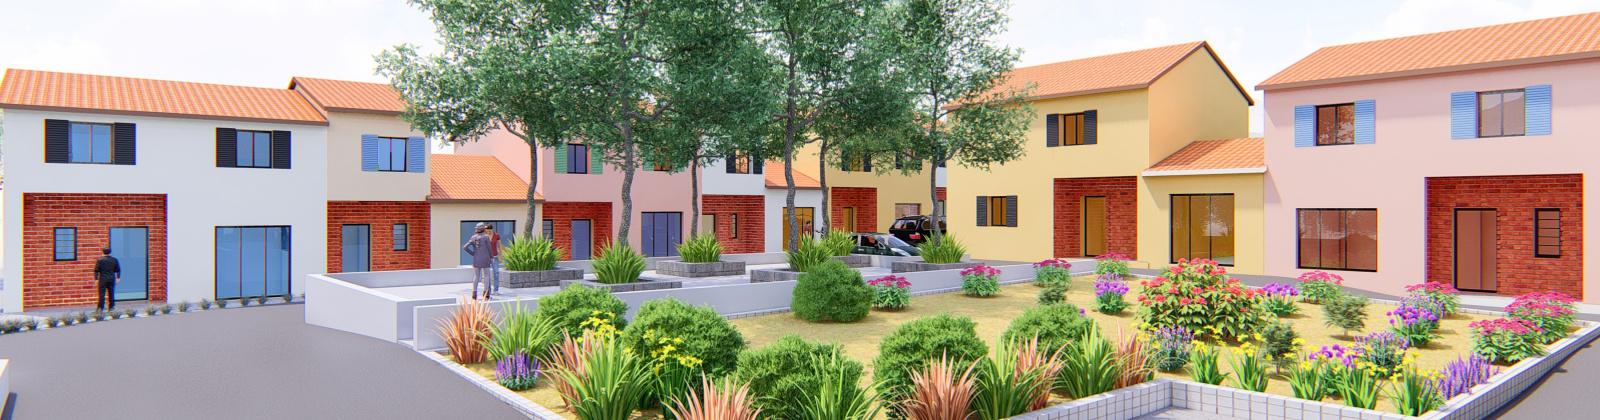 Fourquevaux, France 31450, 2 Chambres Chambres, ,1 Salle de bainsSalle de bain,Maison,Maison,1247